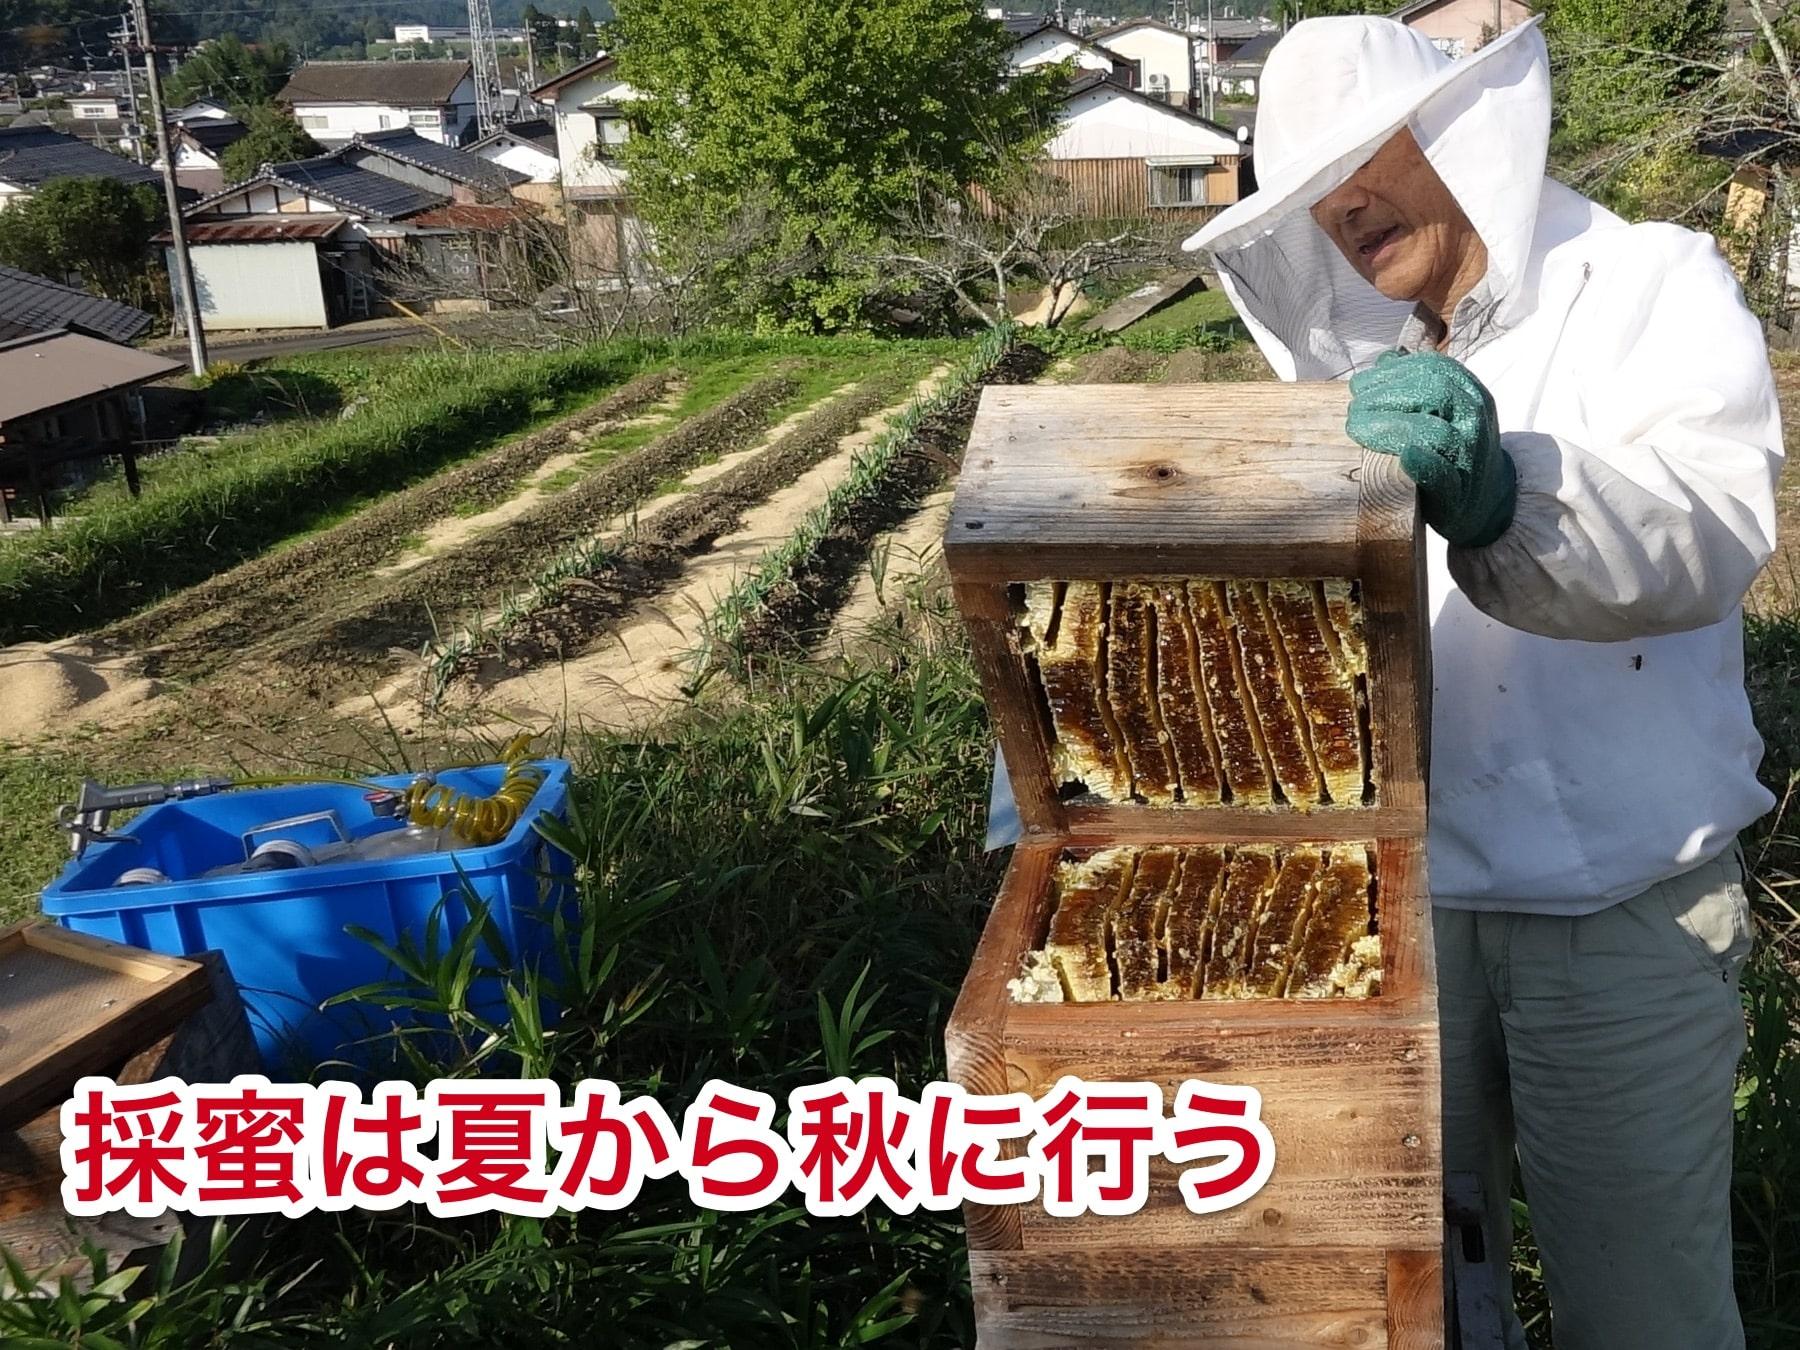 日本蜜蜂の採蜜時期は夏から秋